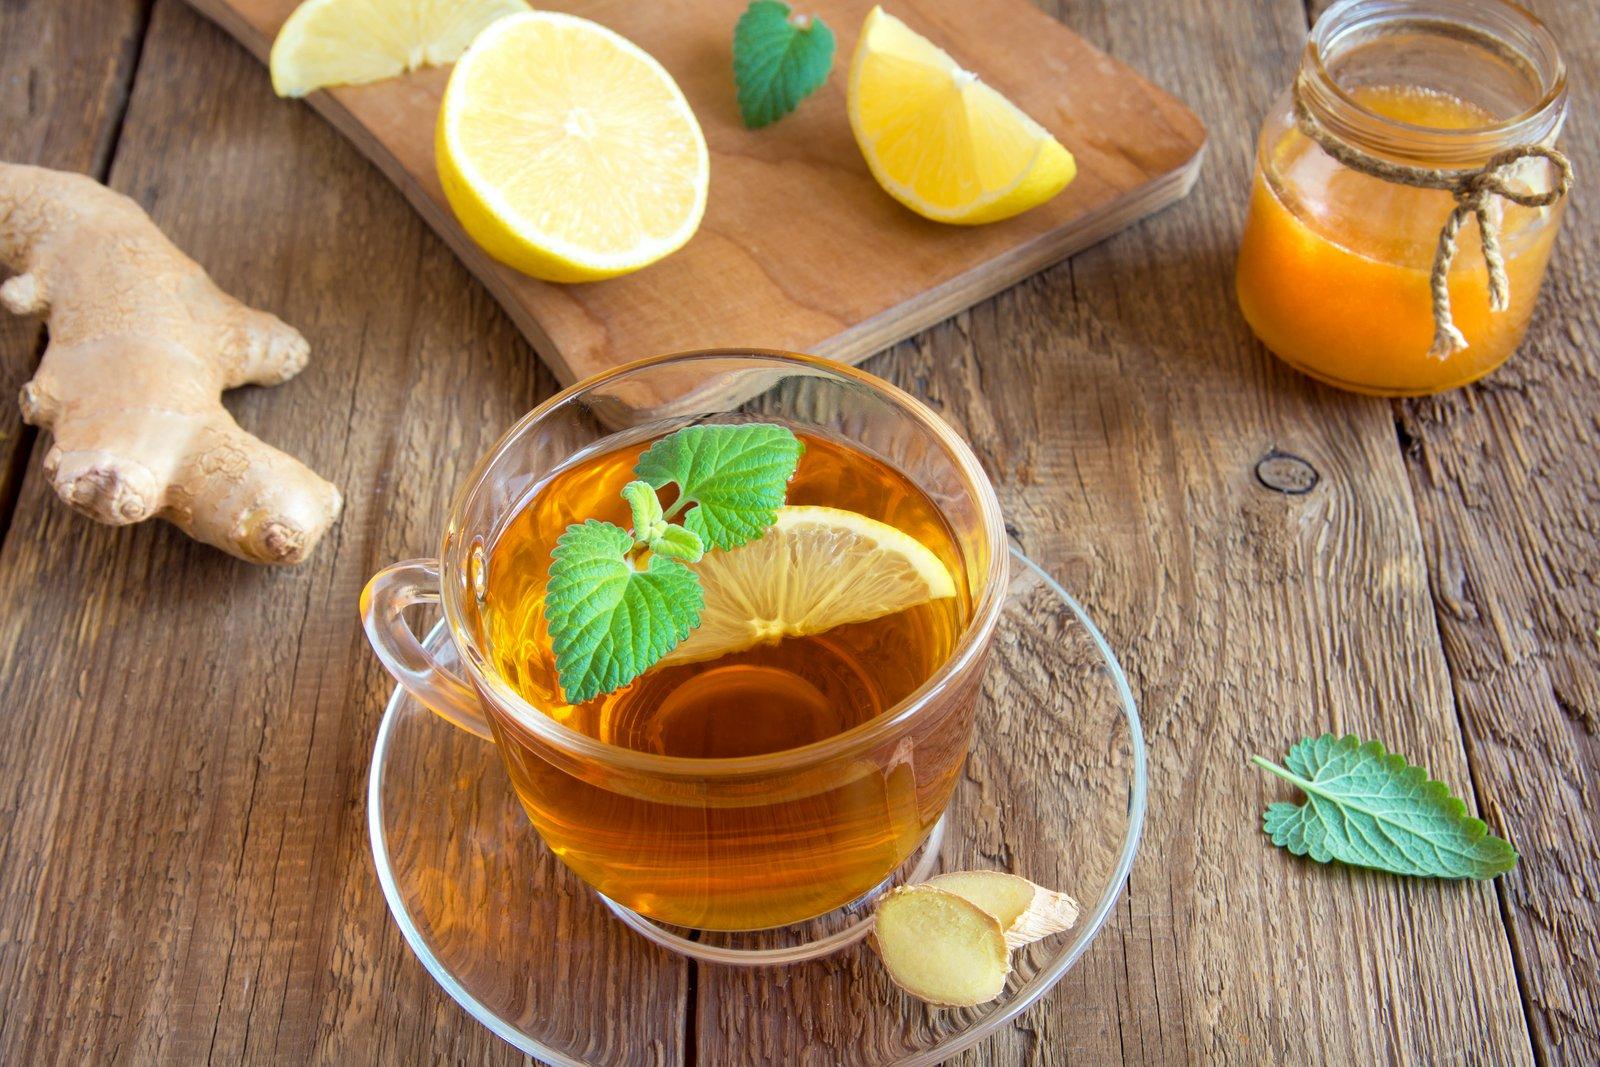 Куркума, мед, лимон: польза напитка и рецепт